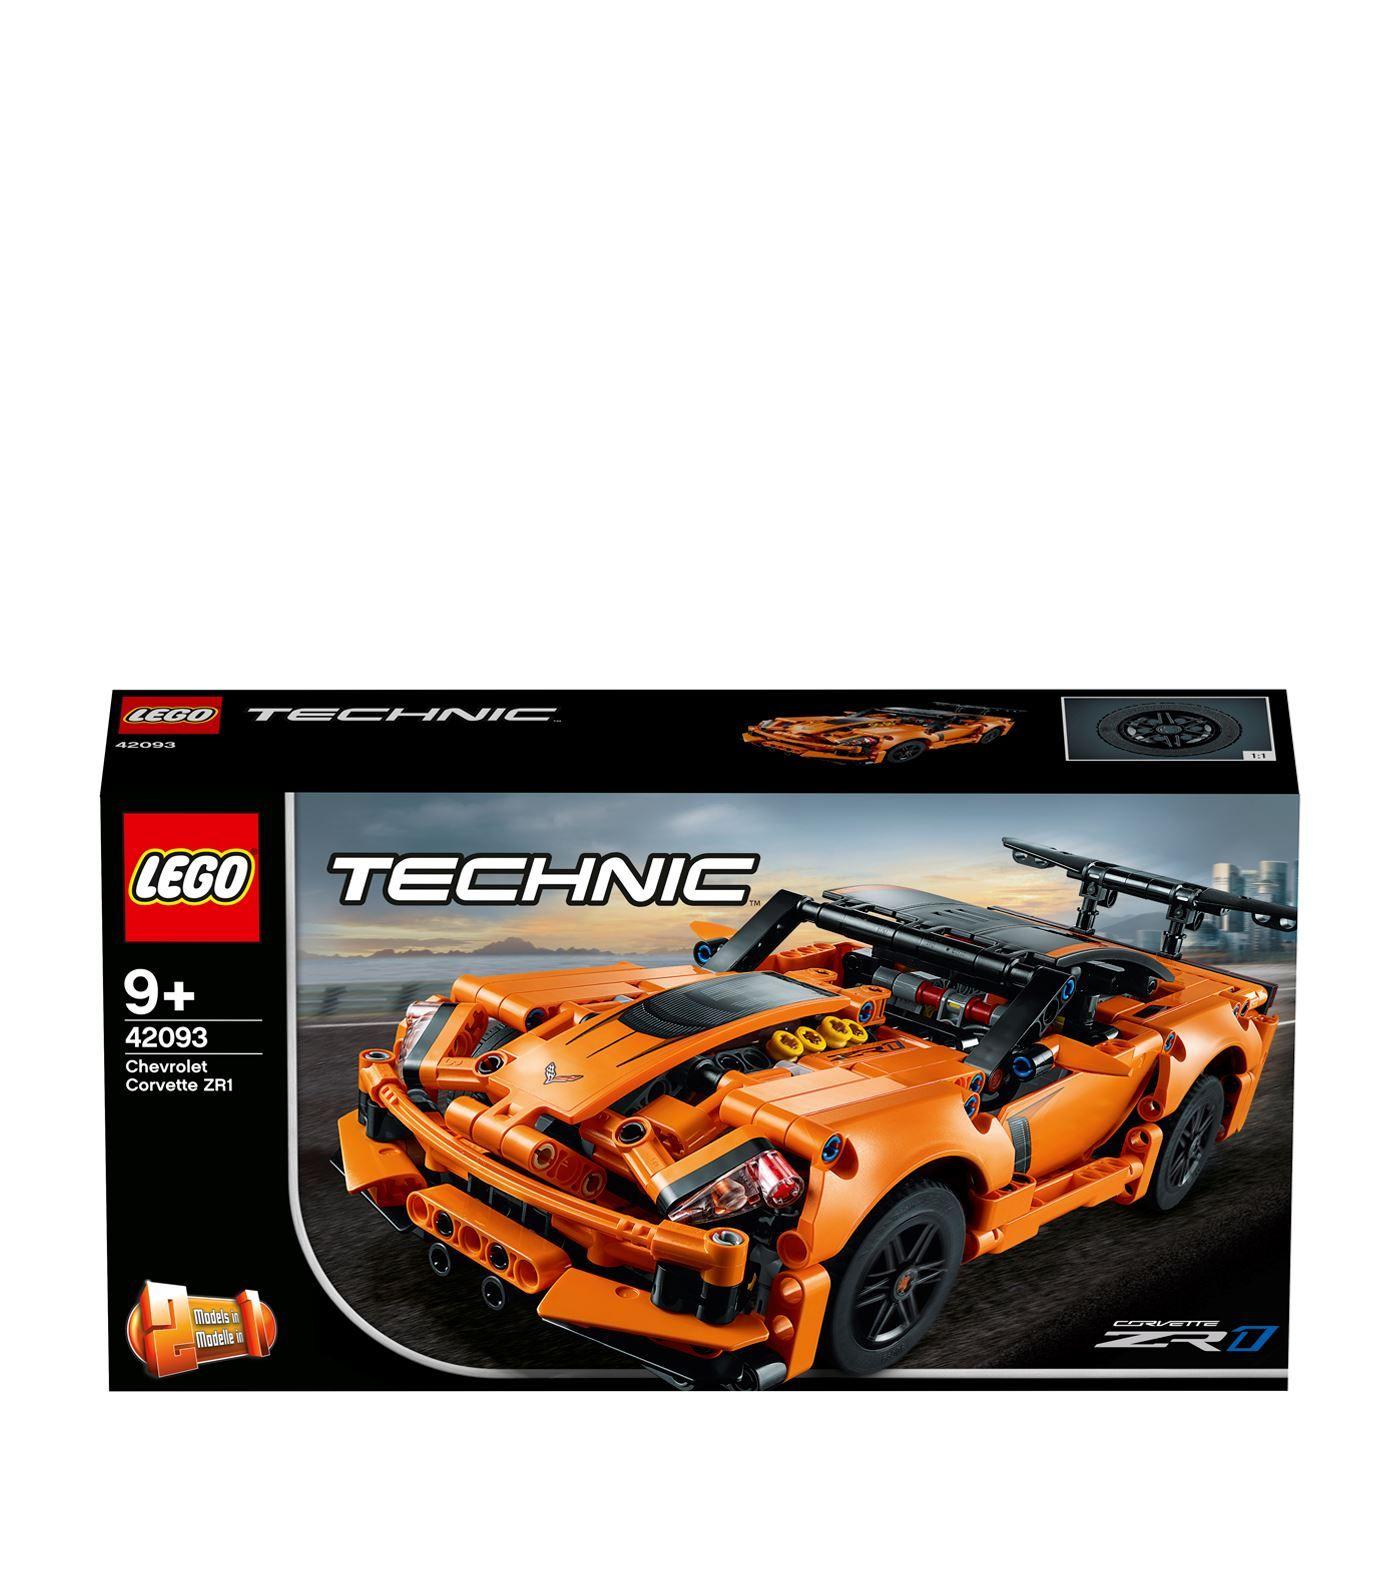 Technic Chevrolet Corvette Zr1 With Images Corvette Zr1 Lego